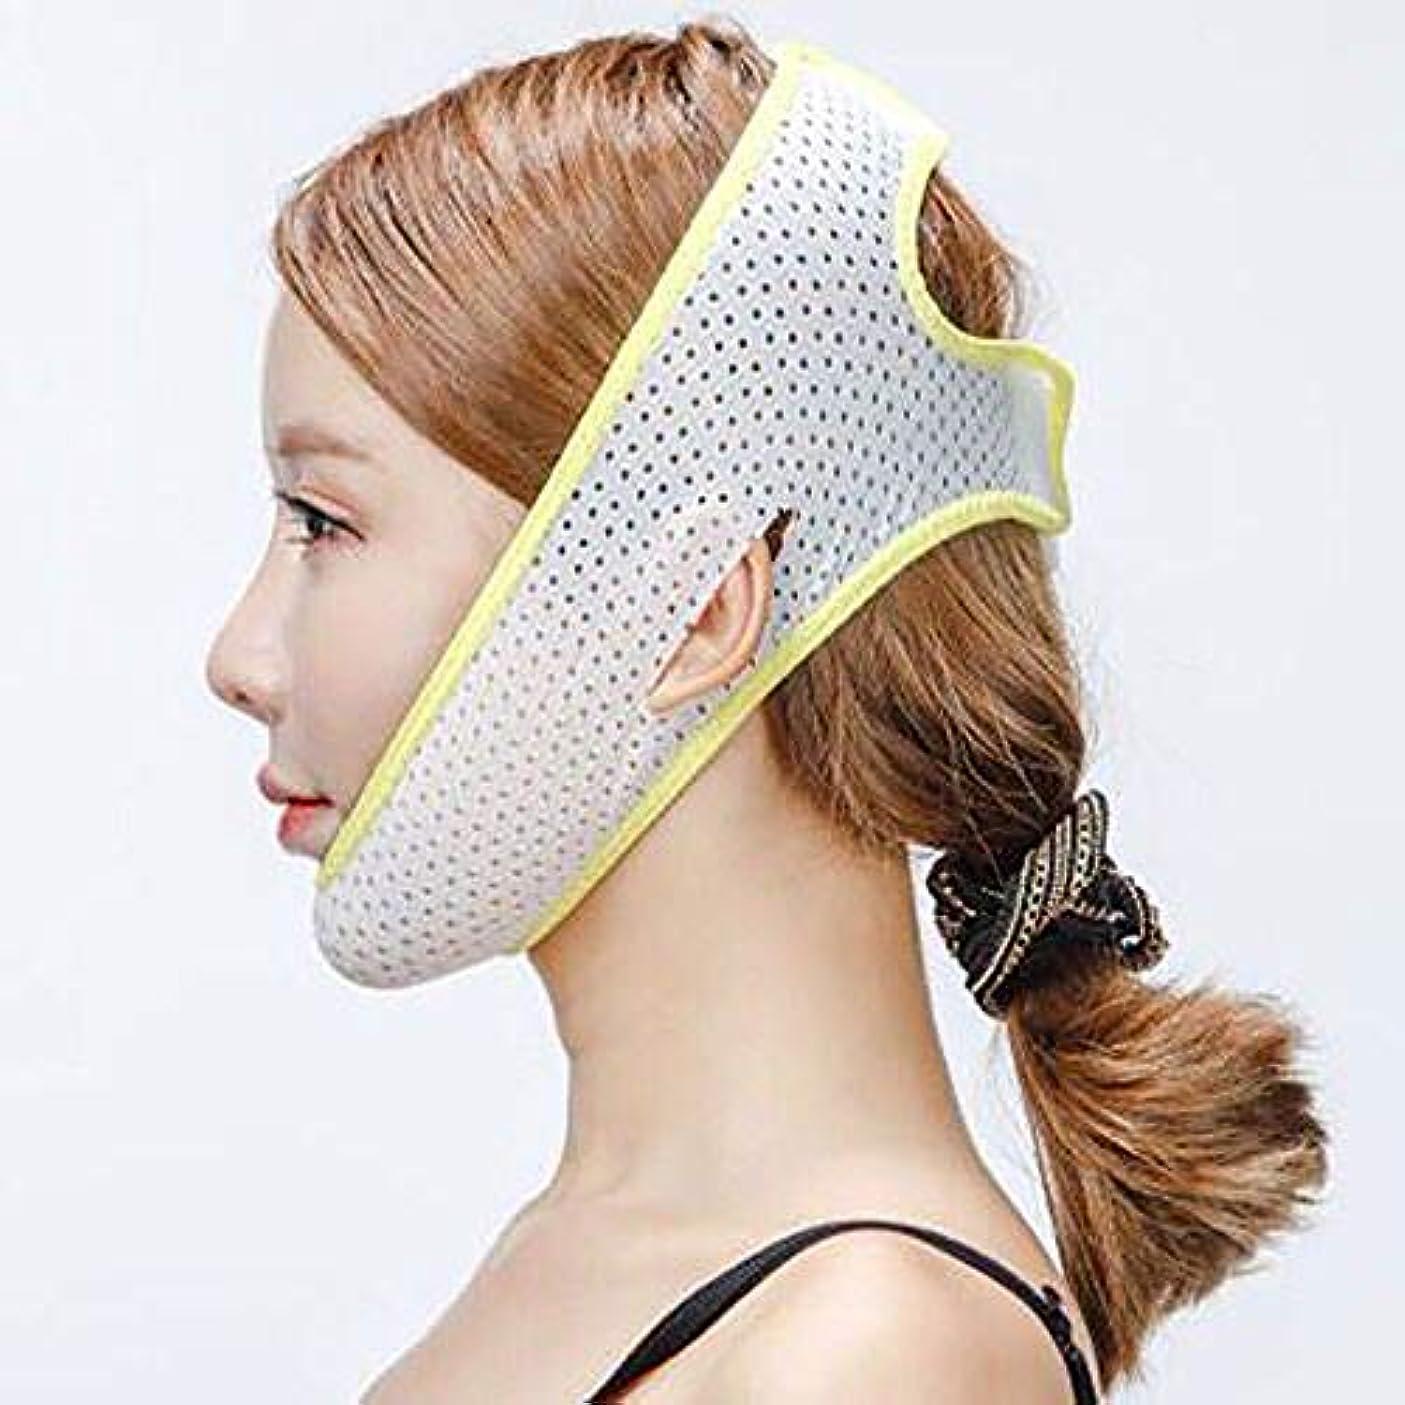 ポゴスティックジャンプ乗算願望Vフェイス包帯マスク、睡眠薄い顔アーティファクトフェイスリフトベルトライン彫刻回復包帯物理的な持ち上がる二重あごツール,Yellow